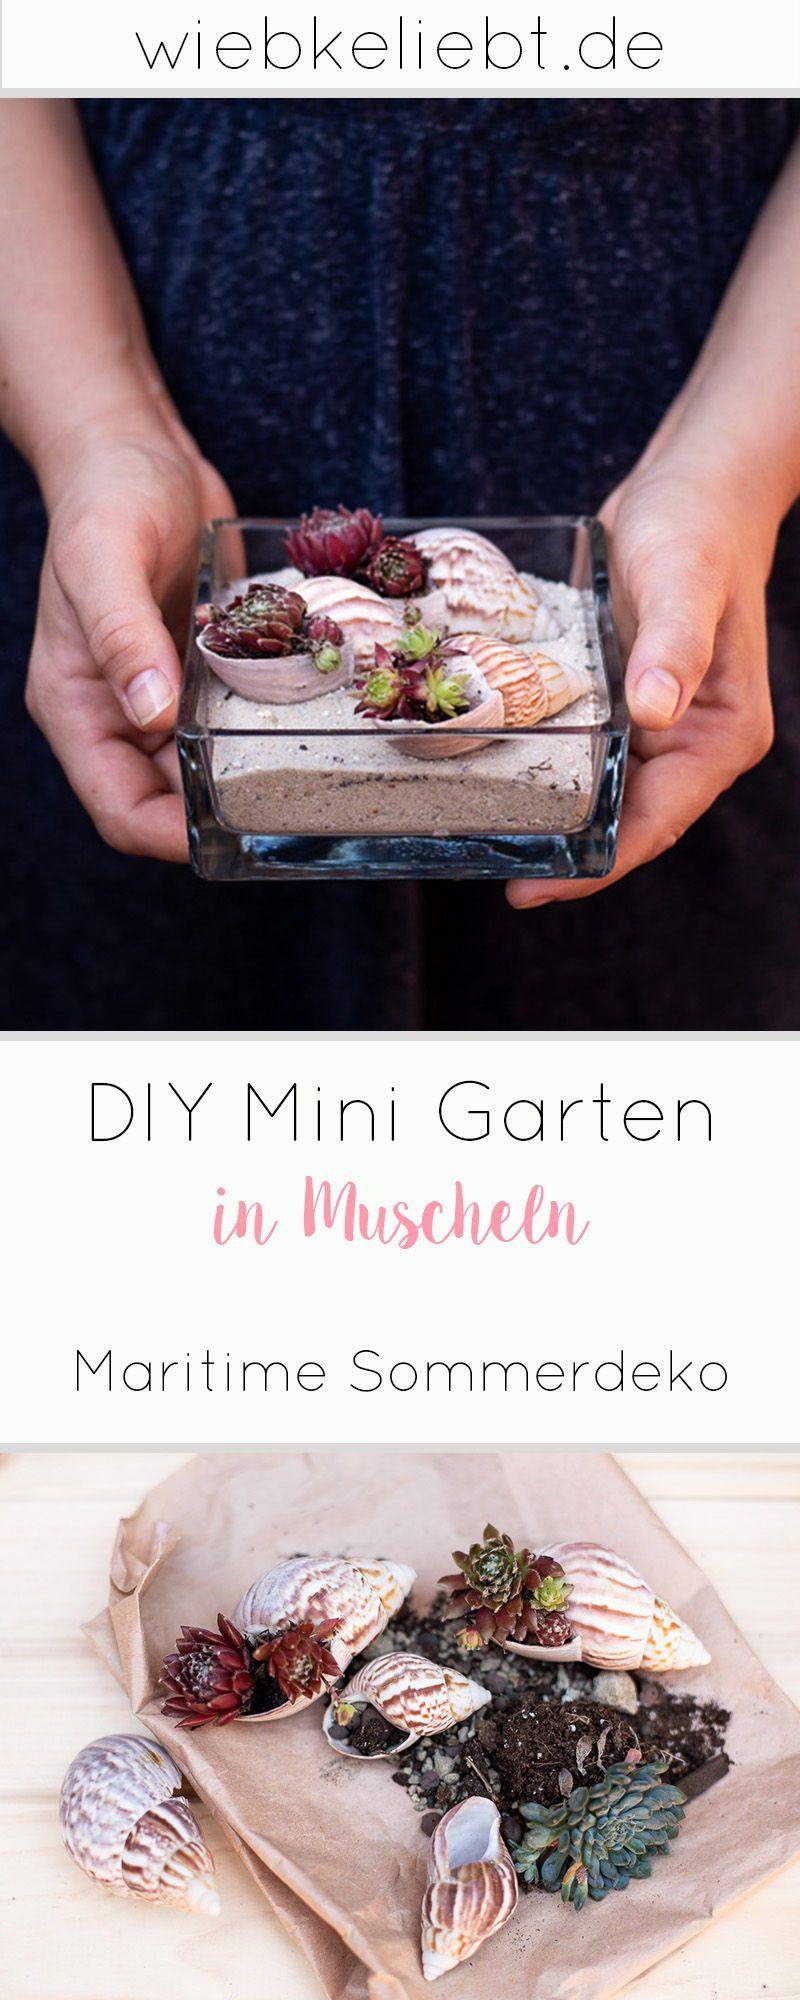 Photo of DIY minihage i skjell – sommerdekorasjon med sukkulenter   DIY-blogg   Gjør-det-selv-instruksjoner for å gjøre det selv-elsket det